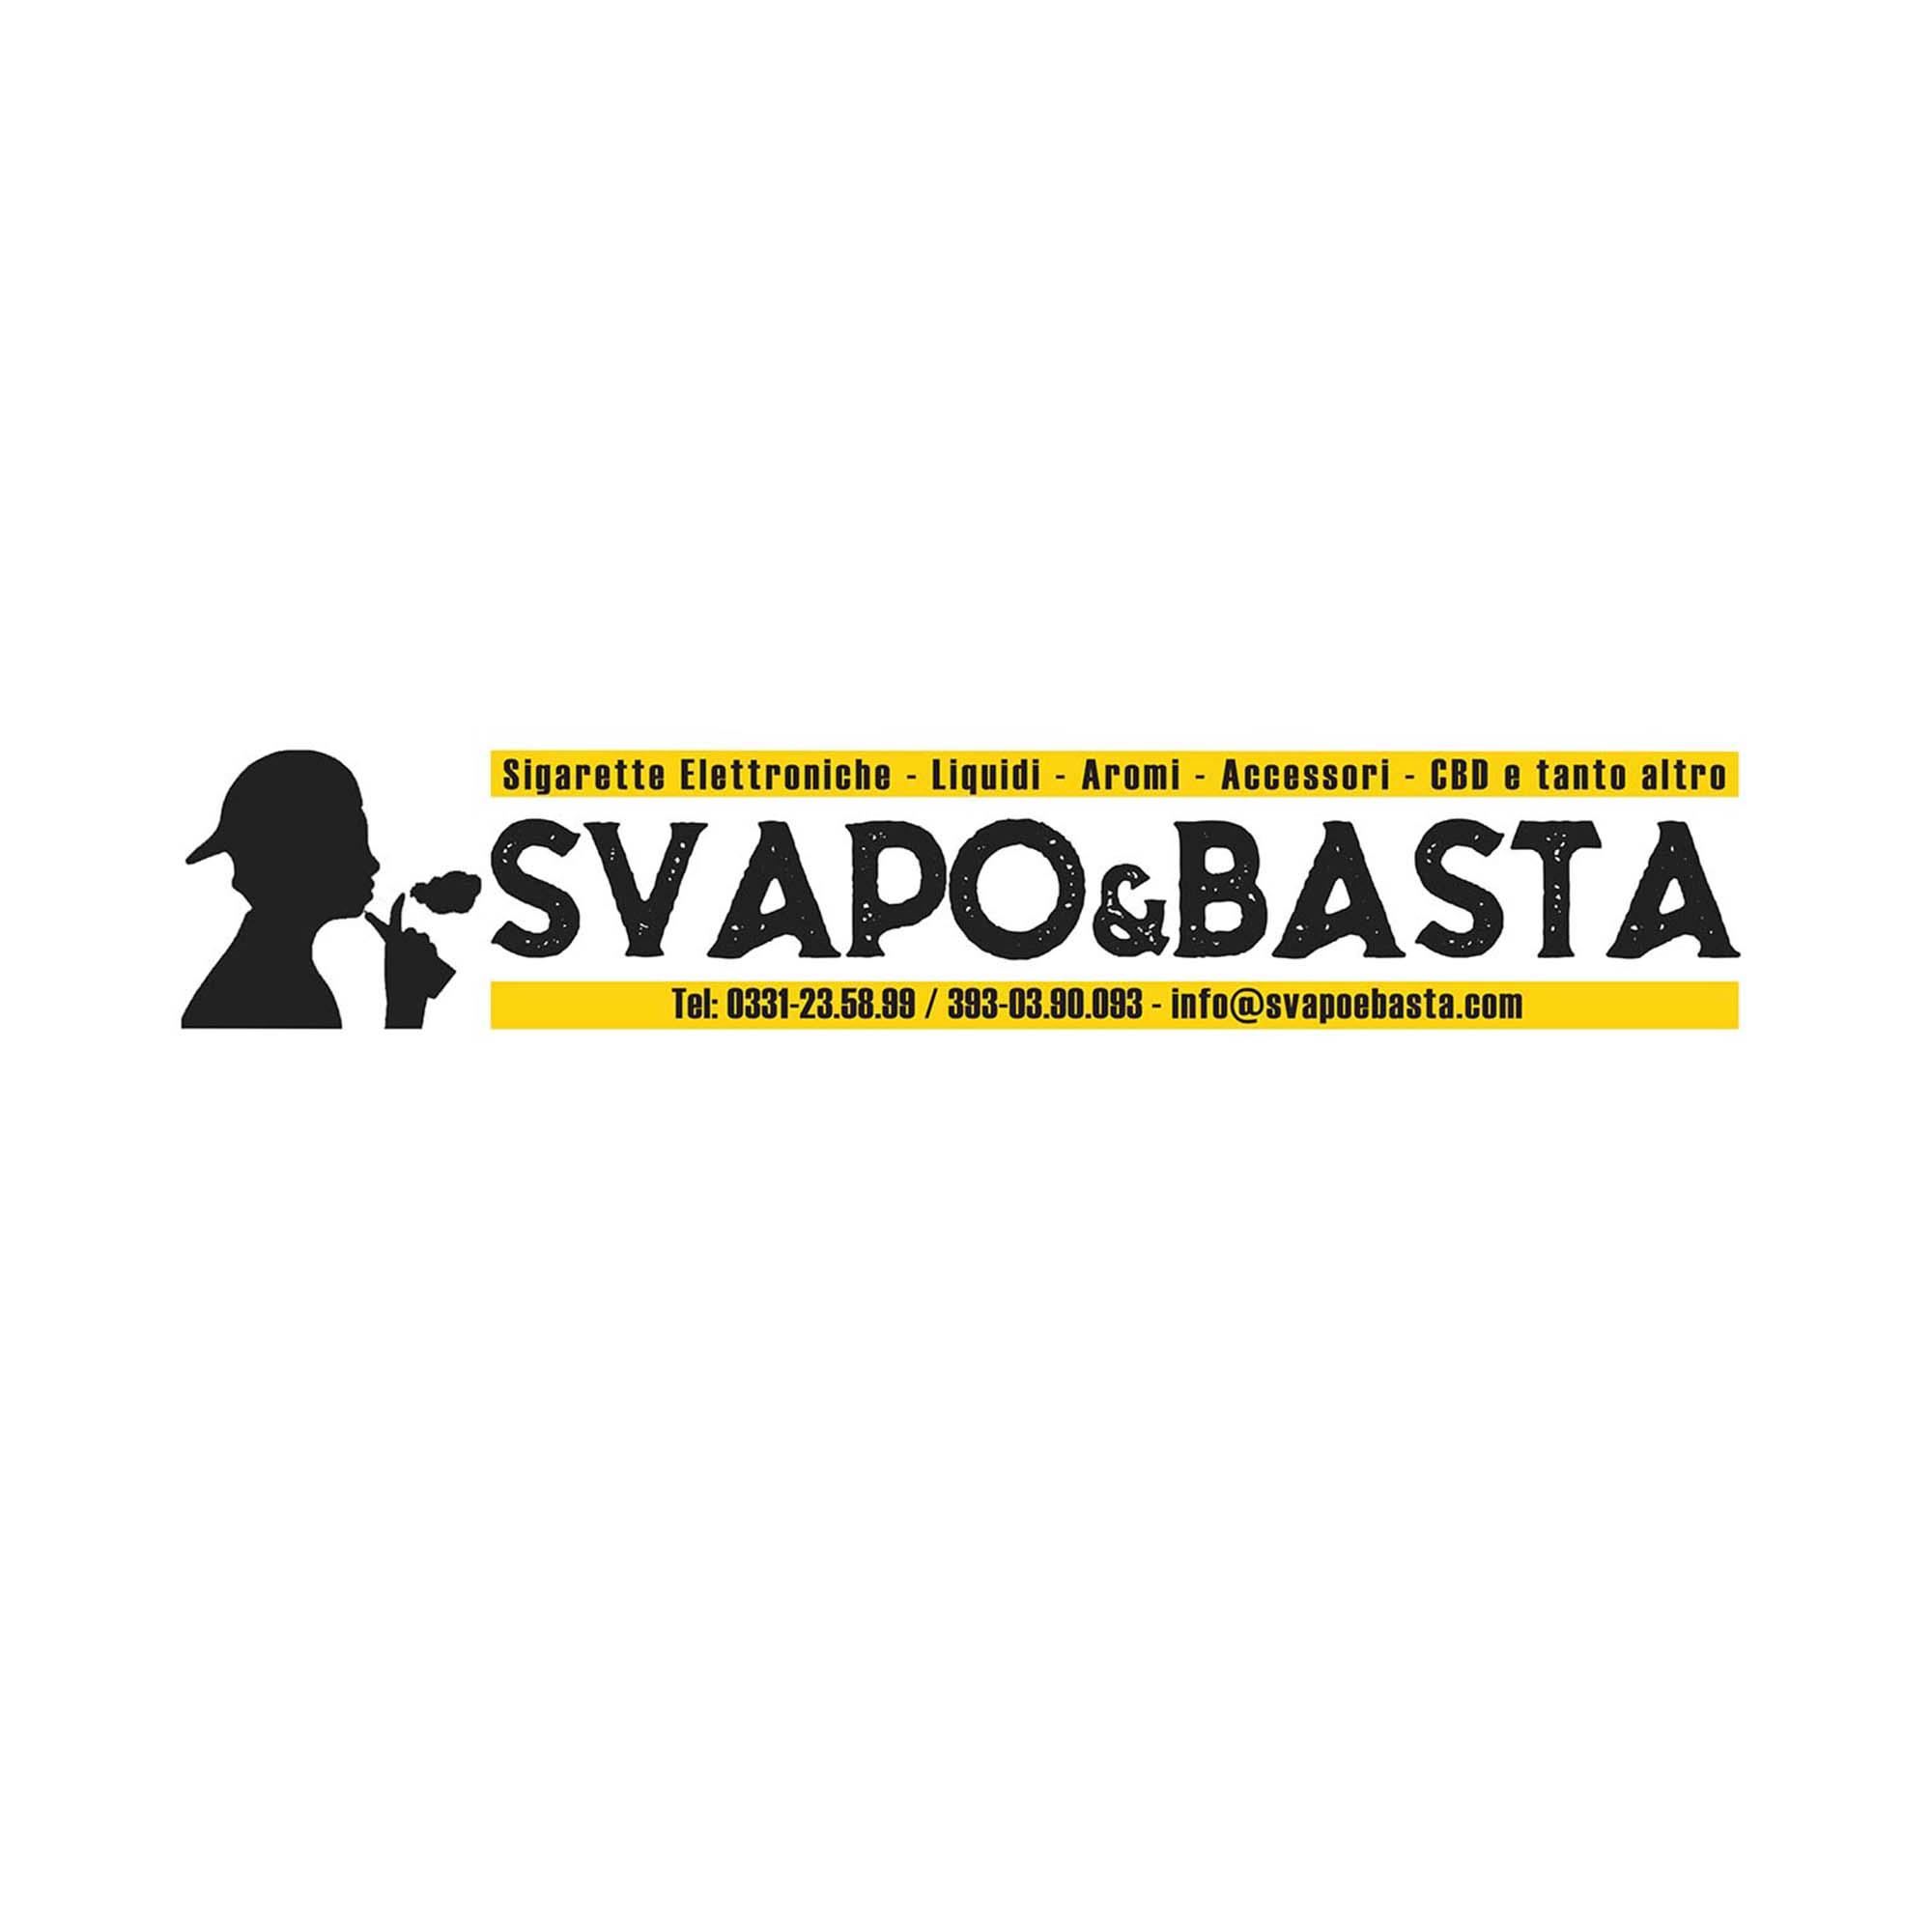 Svapoebasta.com